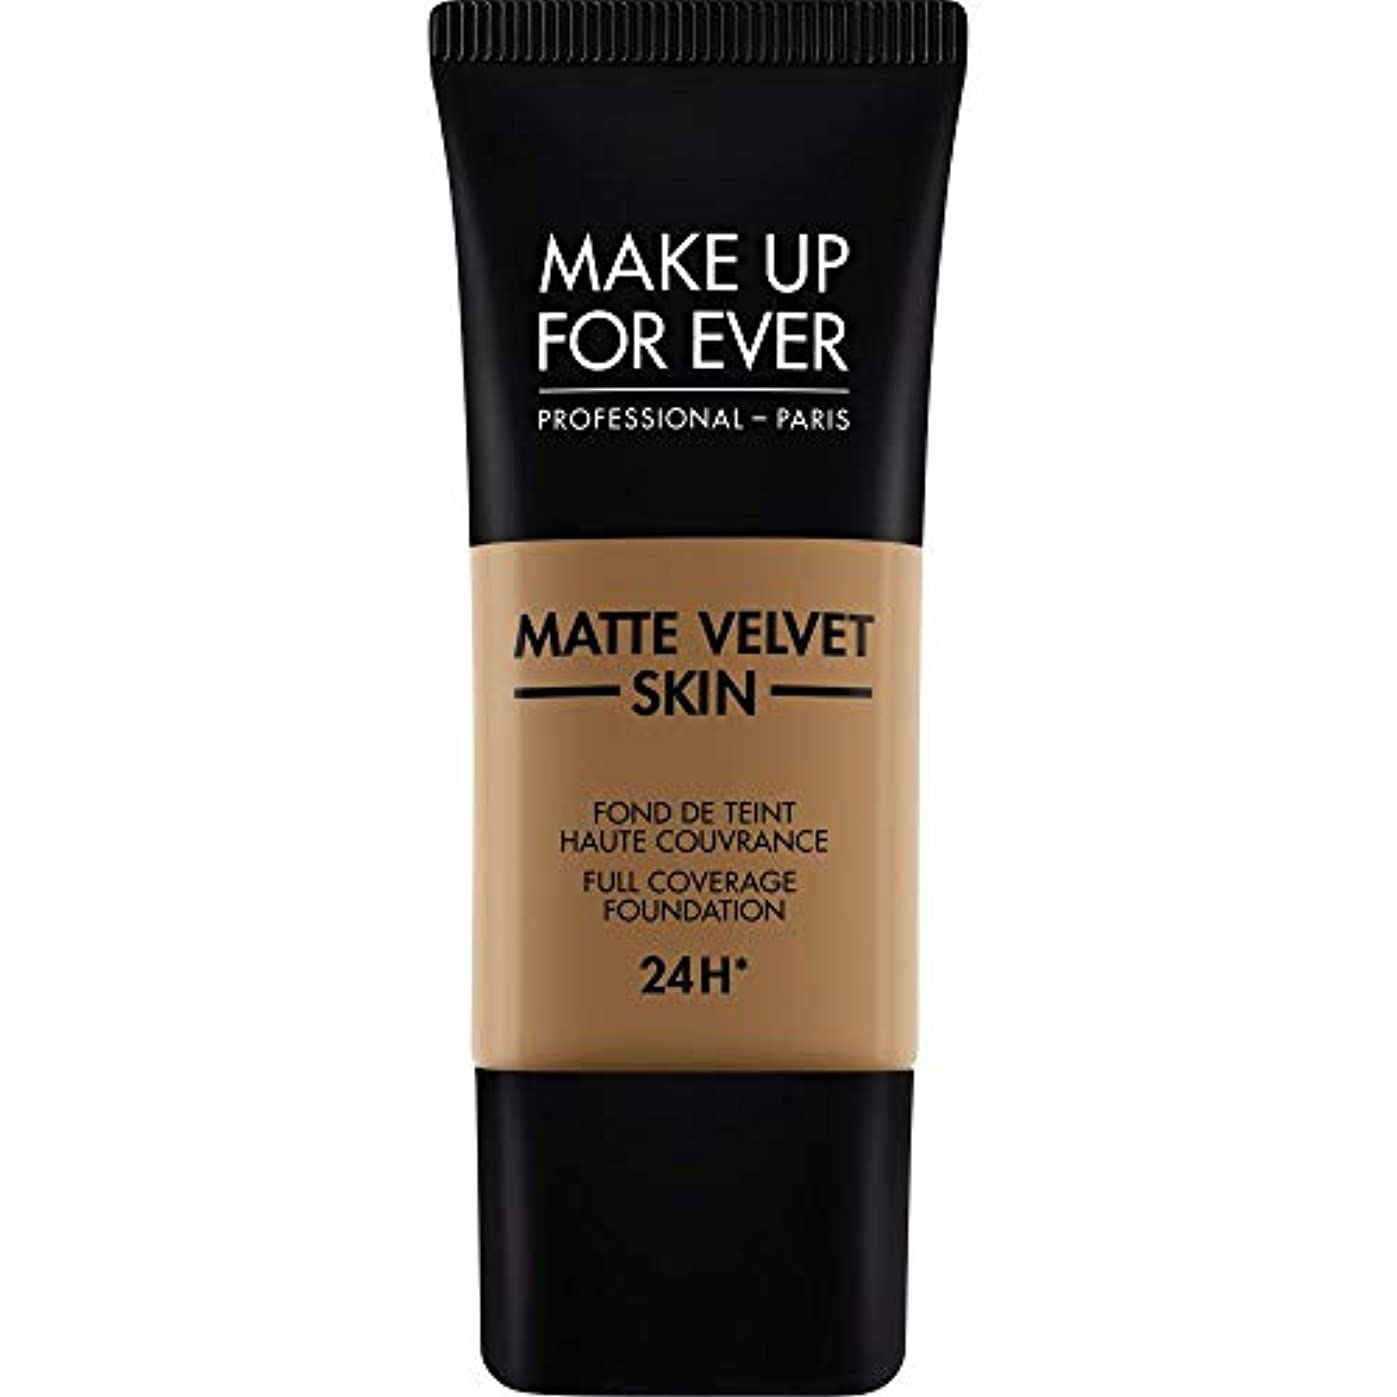 オーバードロートーン屈辱する[MAKE UP FOR EVER ] これまでマットベルベットの皮膚のフルカバレッジ基礎30ミリリットルのY505を補う - コニャック - MAKE UP FOR EVER Matte Velvet Skin Full...